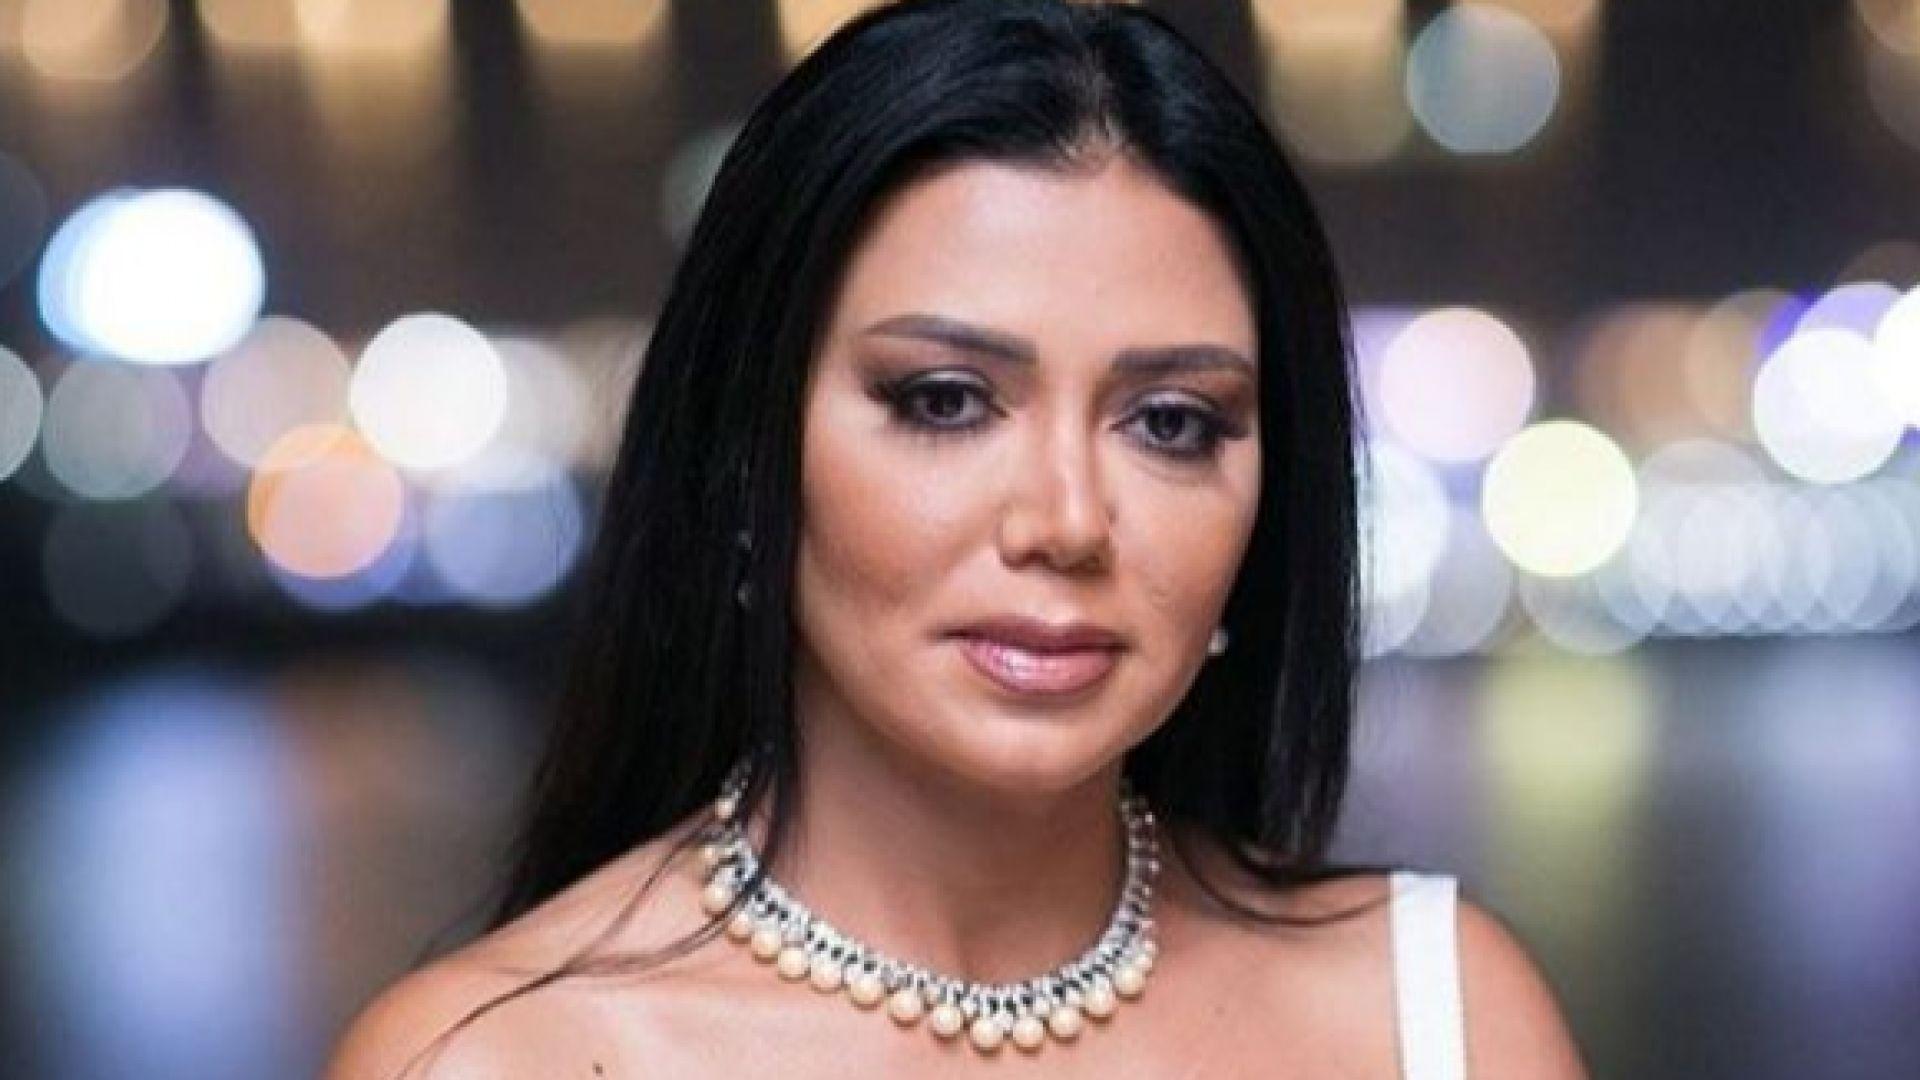 """5 години затвор грозят египетска актриса - """"подстрекавала към разврат"""""""